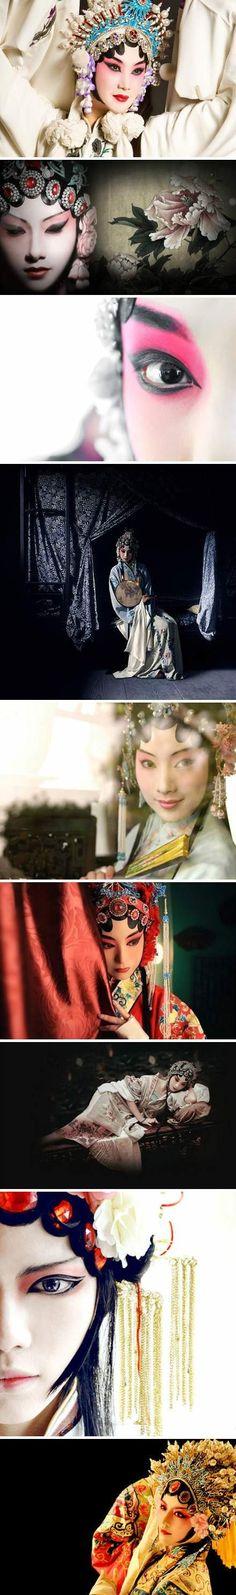 Beijing operas